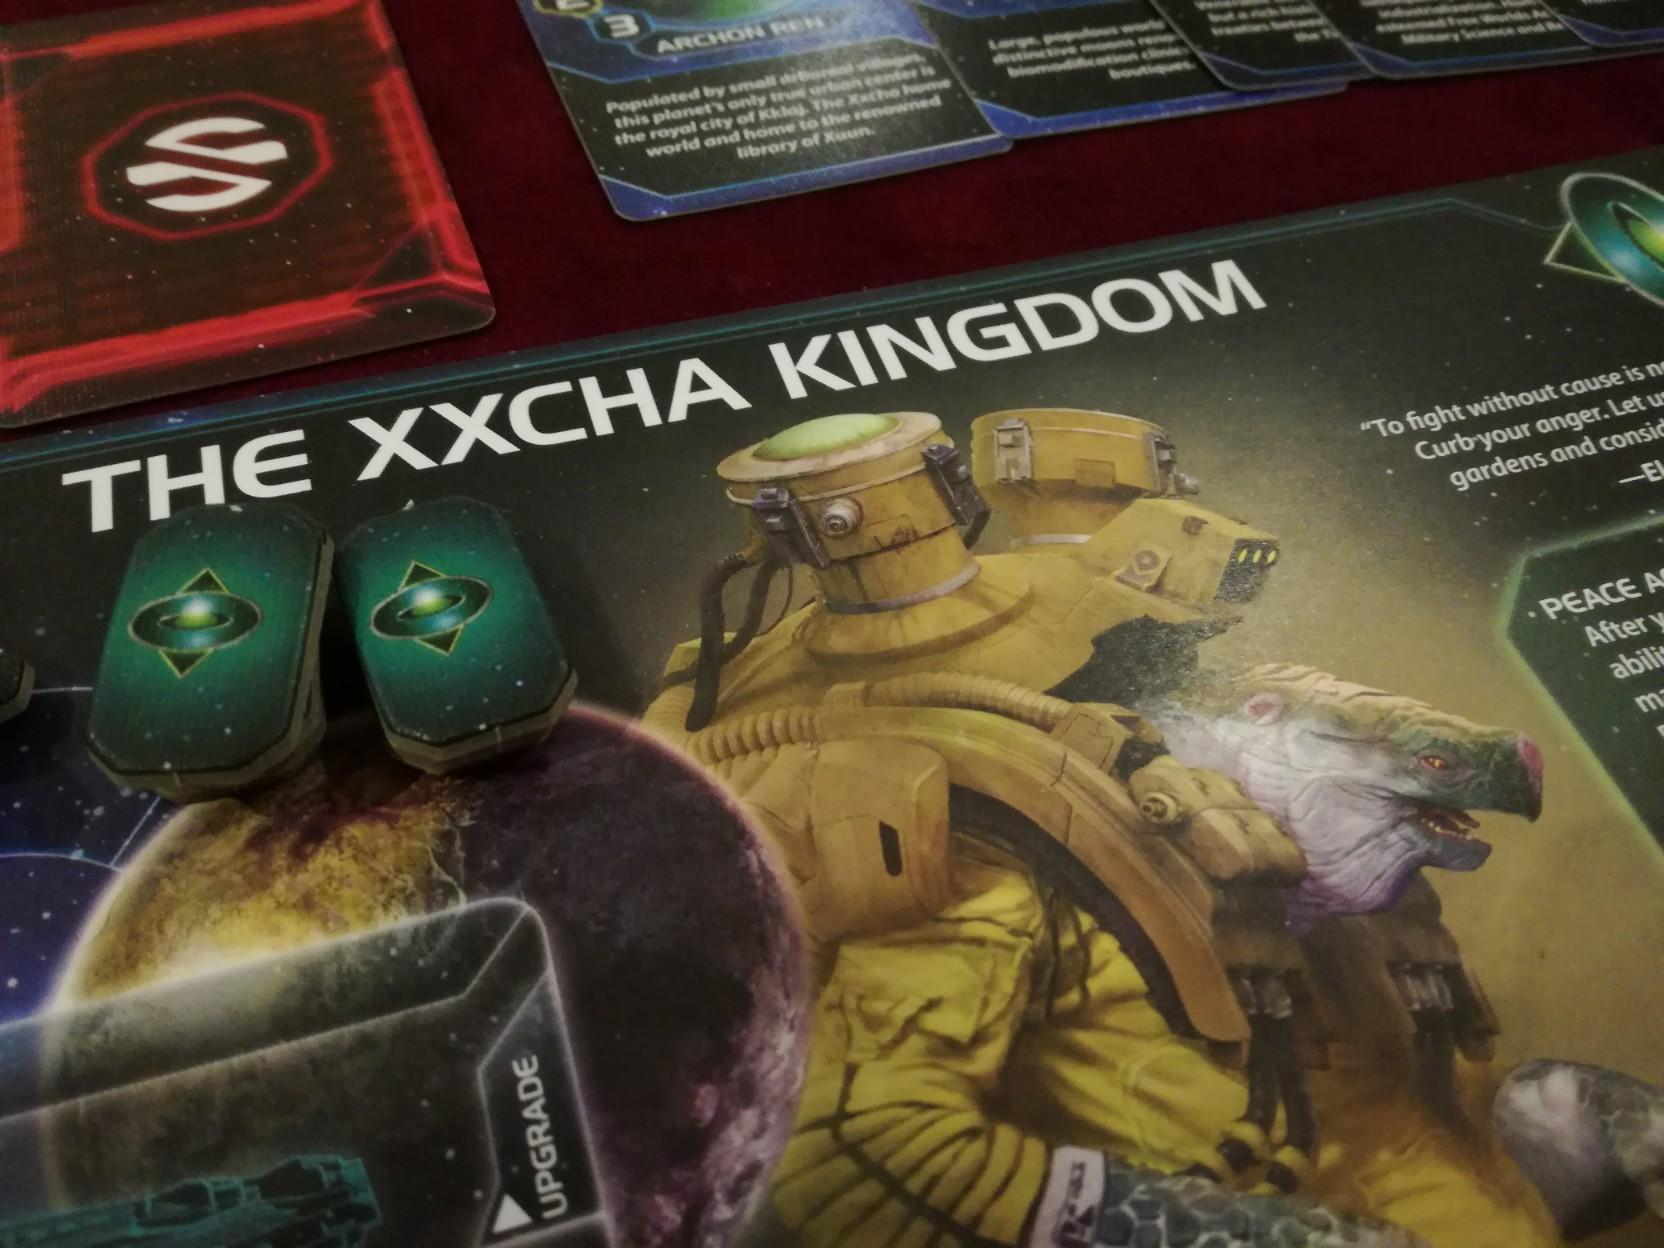 Twilight Imperium Strategy: The Xxcha Kingdom – Start Your